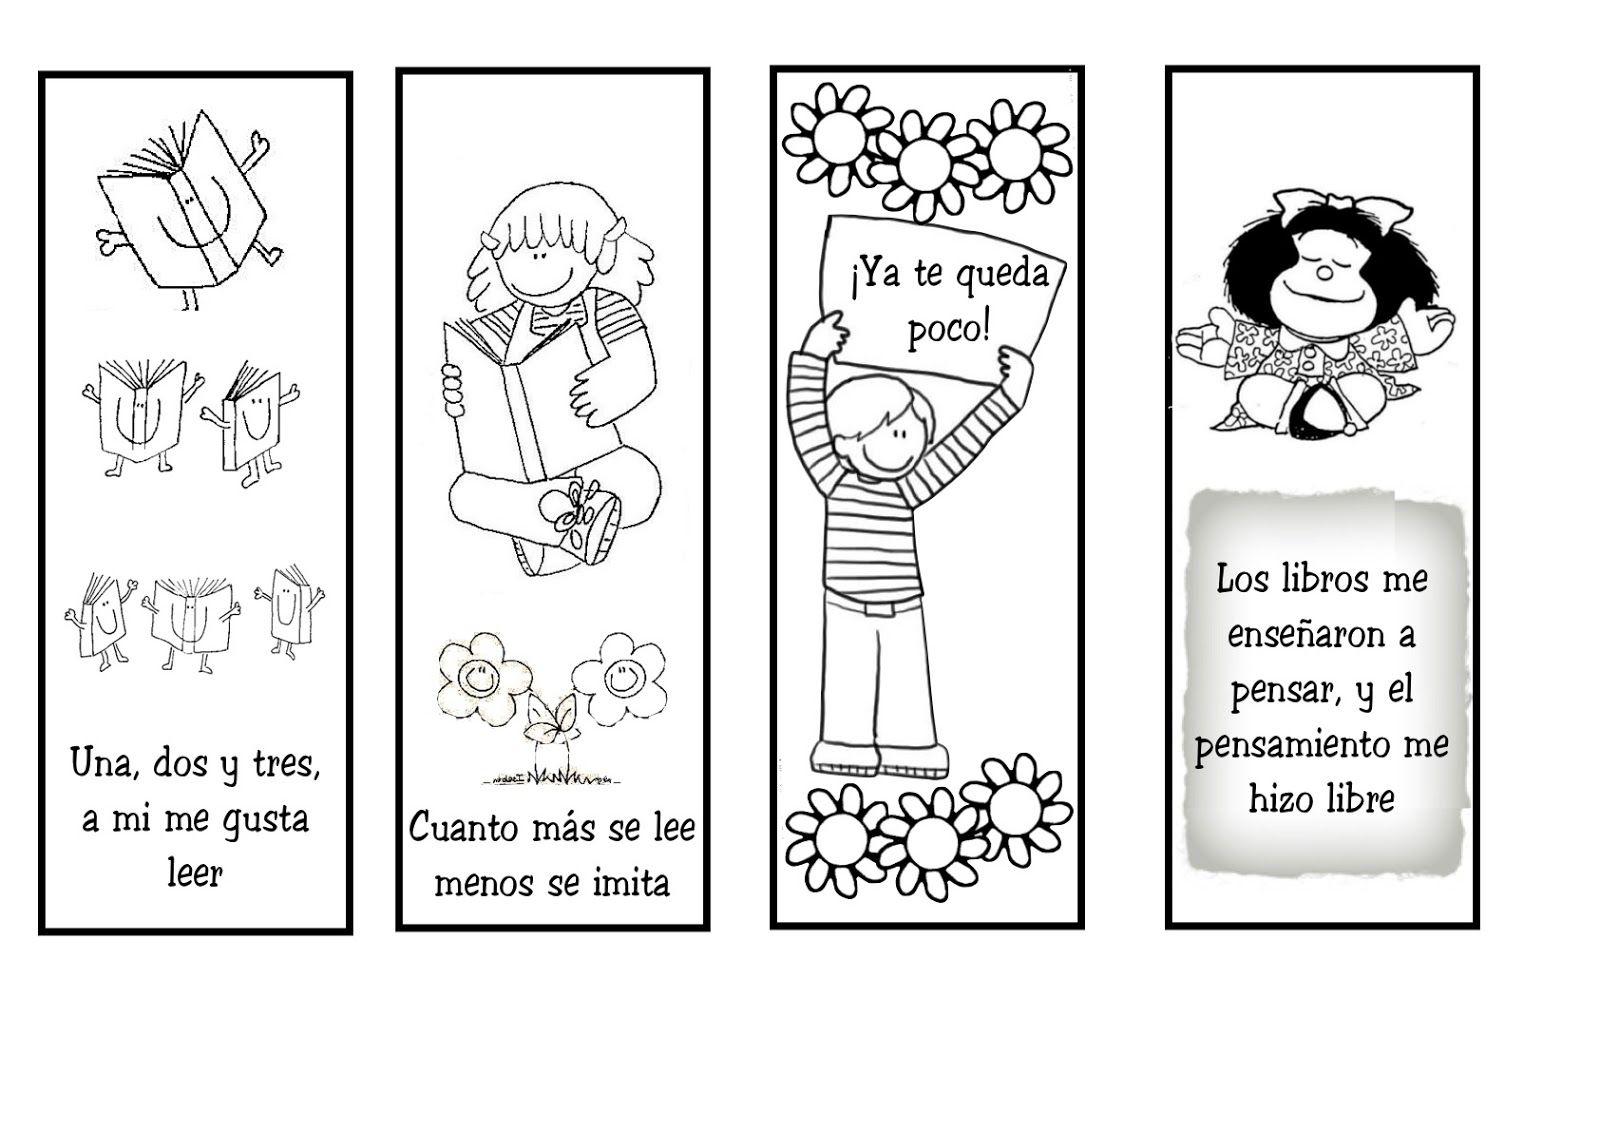 Marcapáginas para colorear | Marcapáginas, Colorear y Lectura